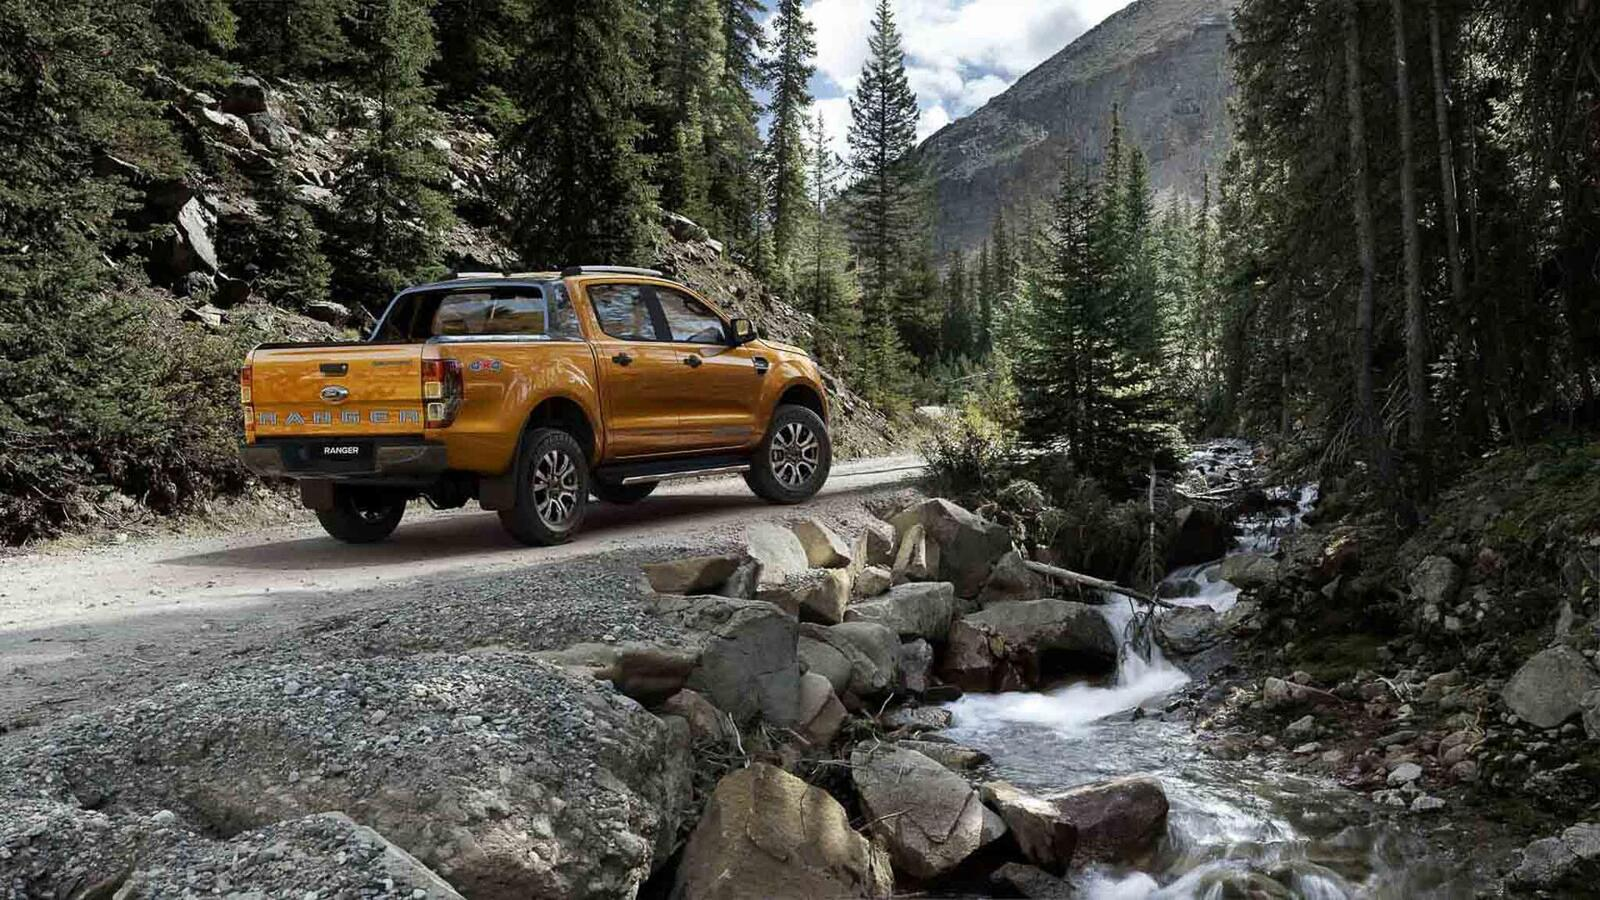 Ford Ranger đạt doanh số kỷ lục tại Châu Á Thái Bình Dương năm thứ 10 liên tiếp - Hình 10